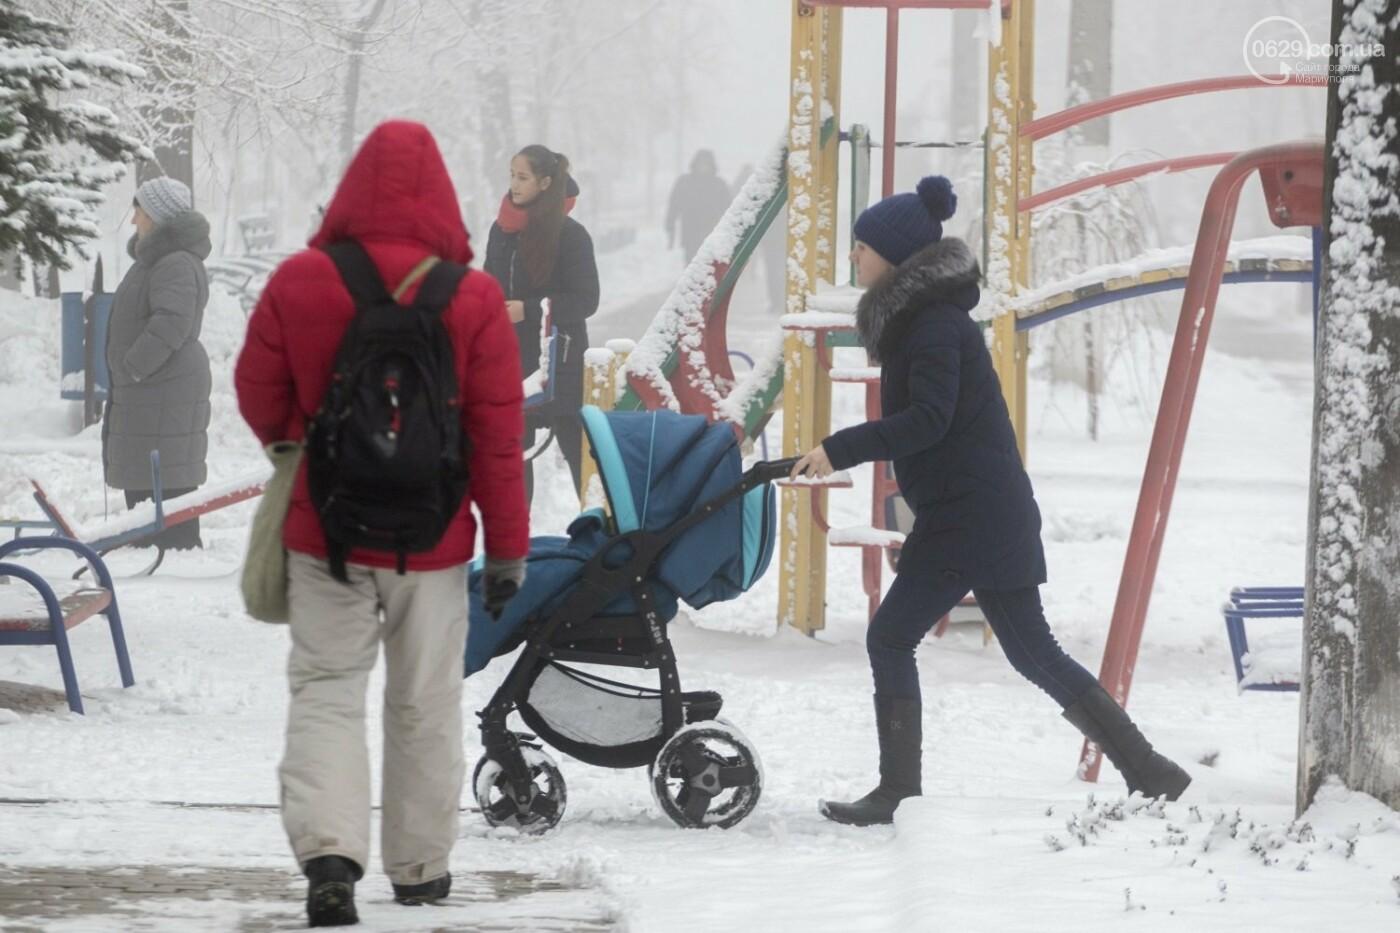 38 фотографий, одна ворона и одна синица... ФОТОРЕПОРТАЖ для тех, кто проспал первый настоящий снег, фото-10